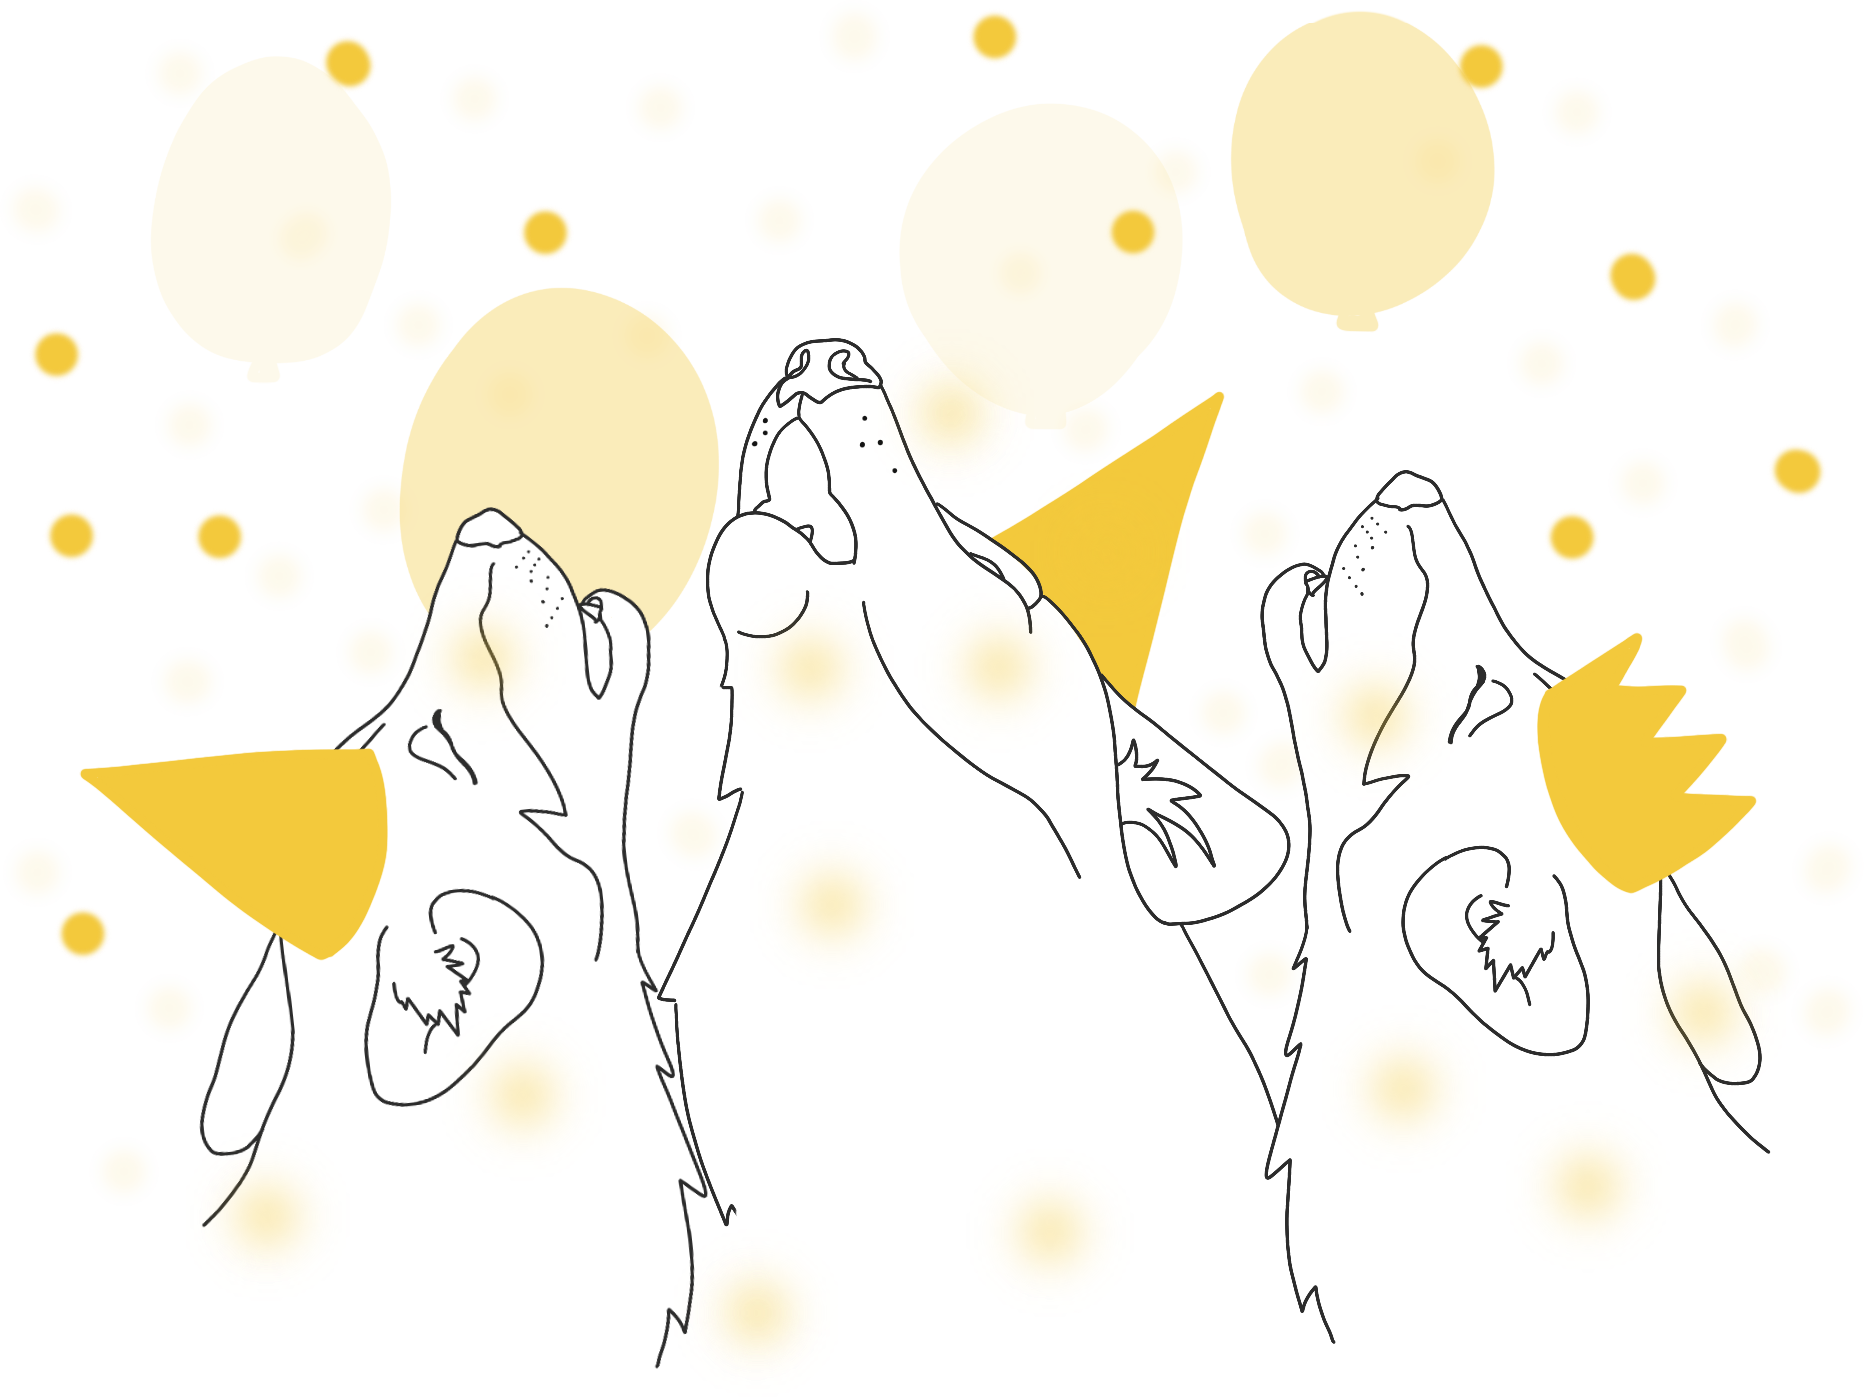 The YacPack celebrating and communicating synchronously